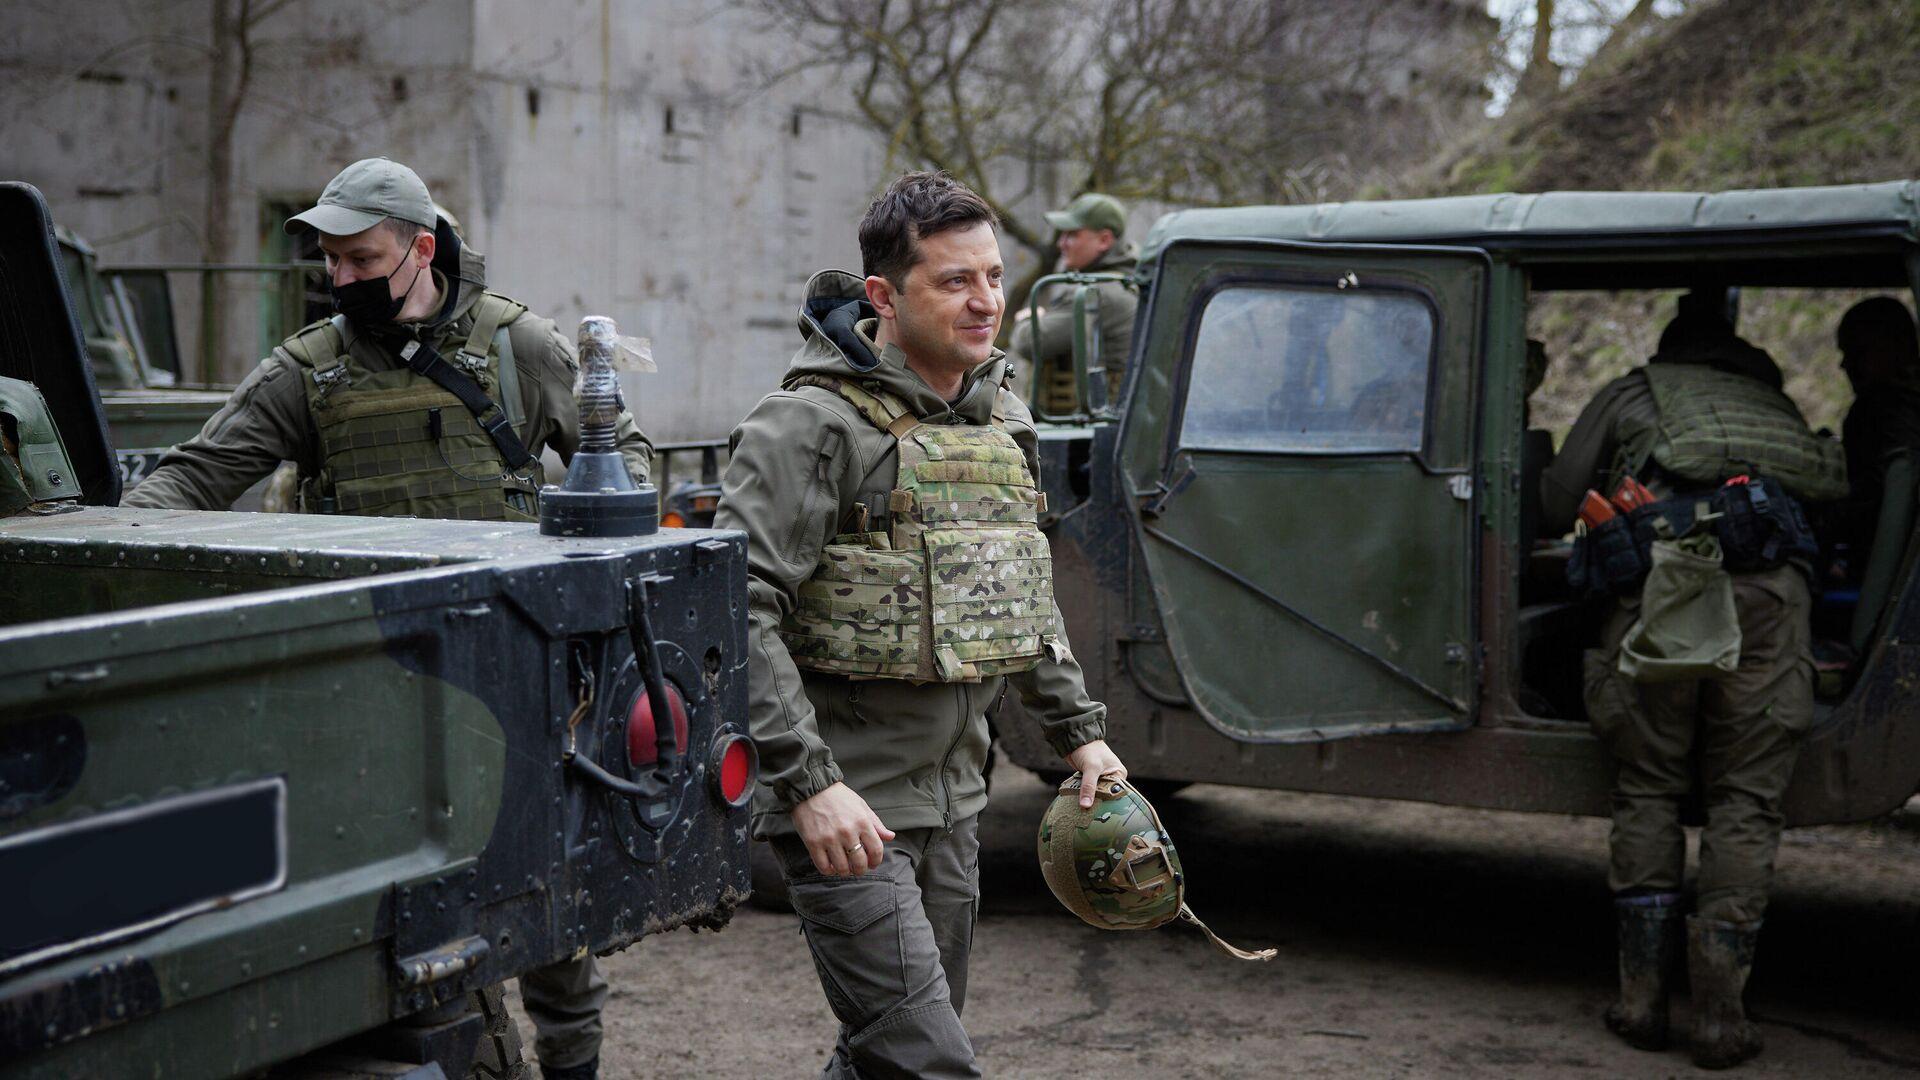 Президент Украины Владимир Зеленский во время посещения позиций украинских войск в Донбассе - РИА Новости, 1920, 16.04.2021